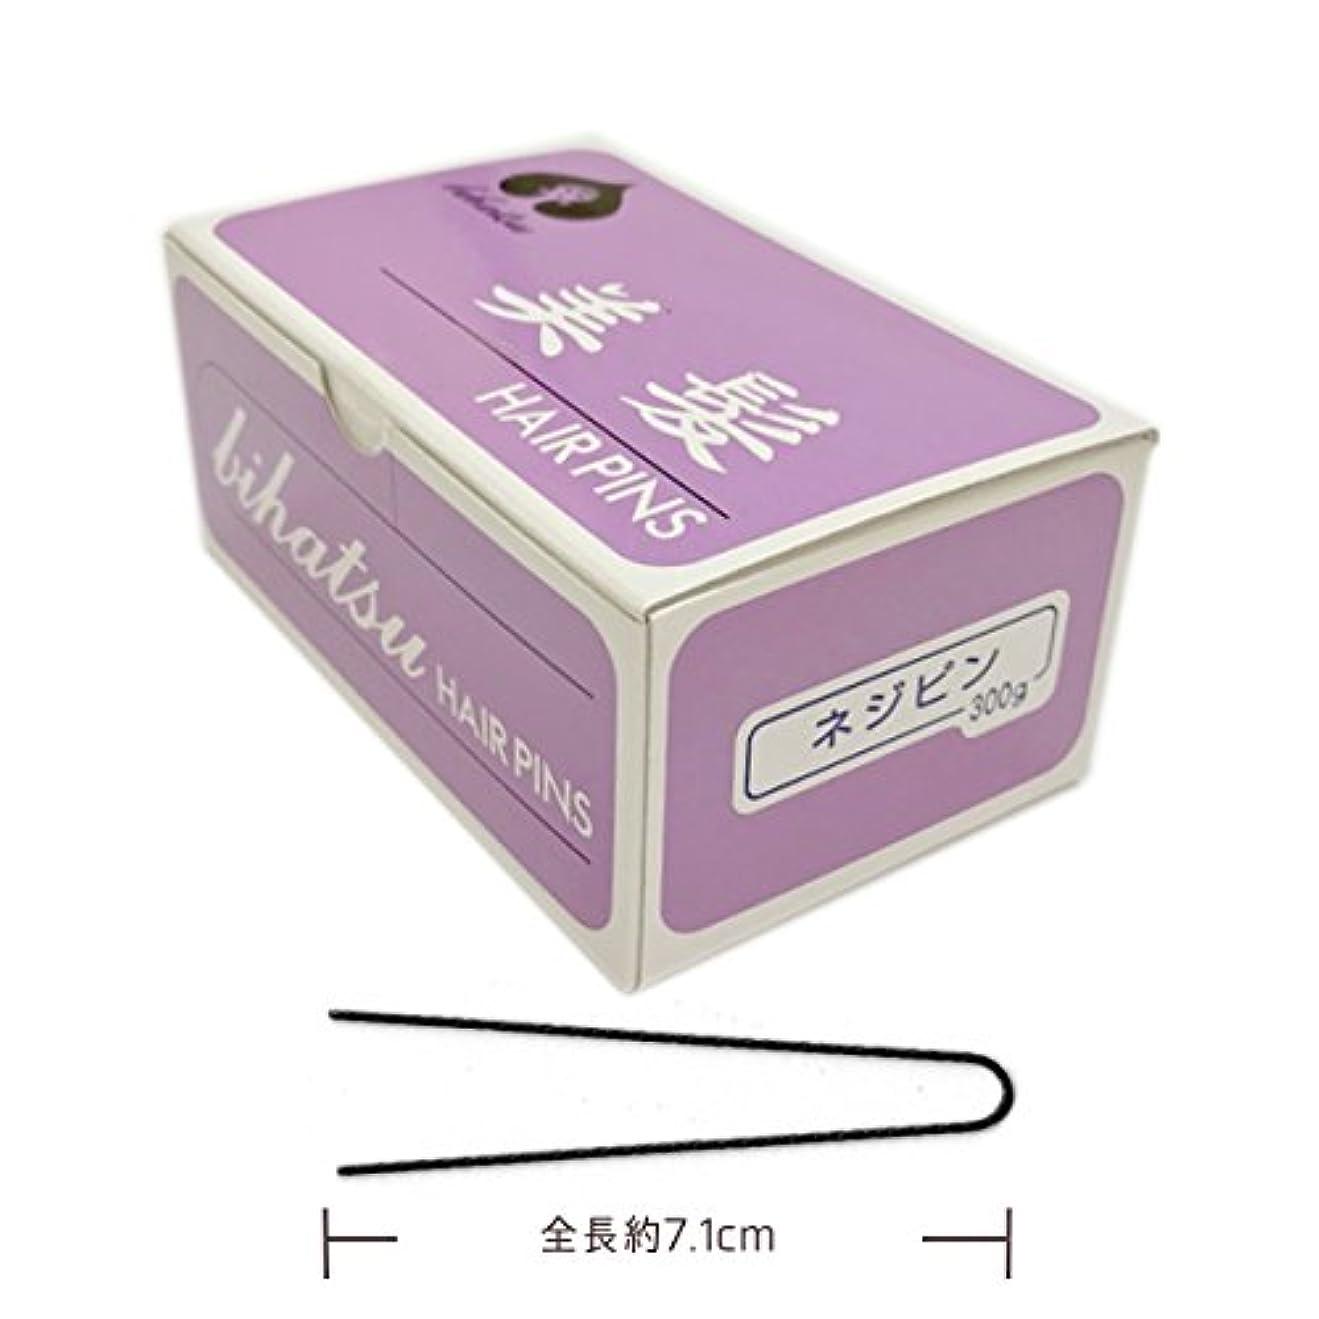 責合成分ヒラヤマ ビハツ ネジピン (美髪) 300g約340本入